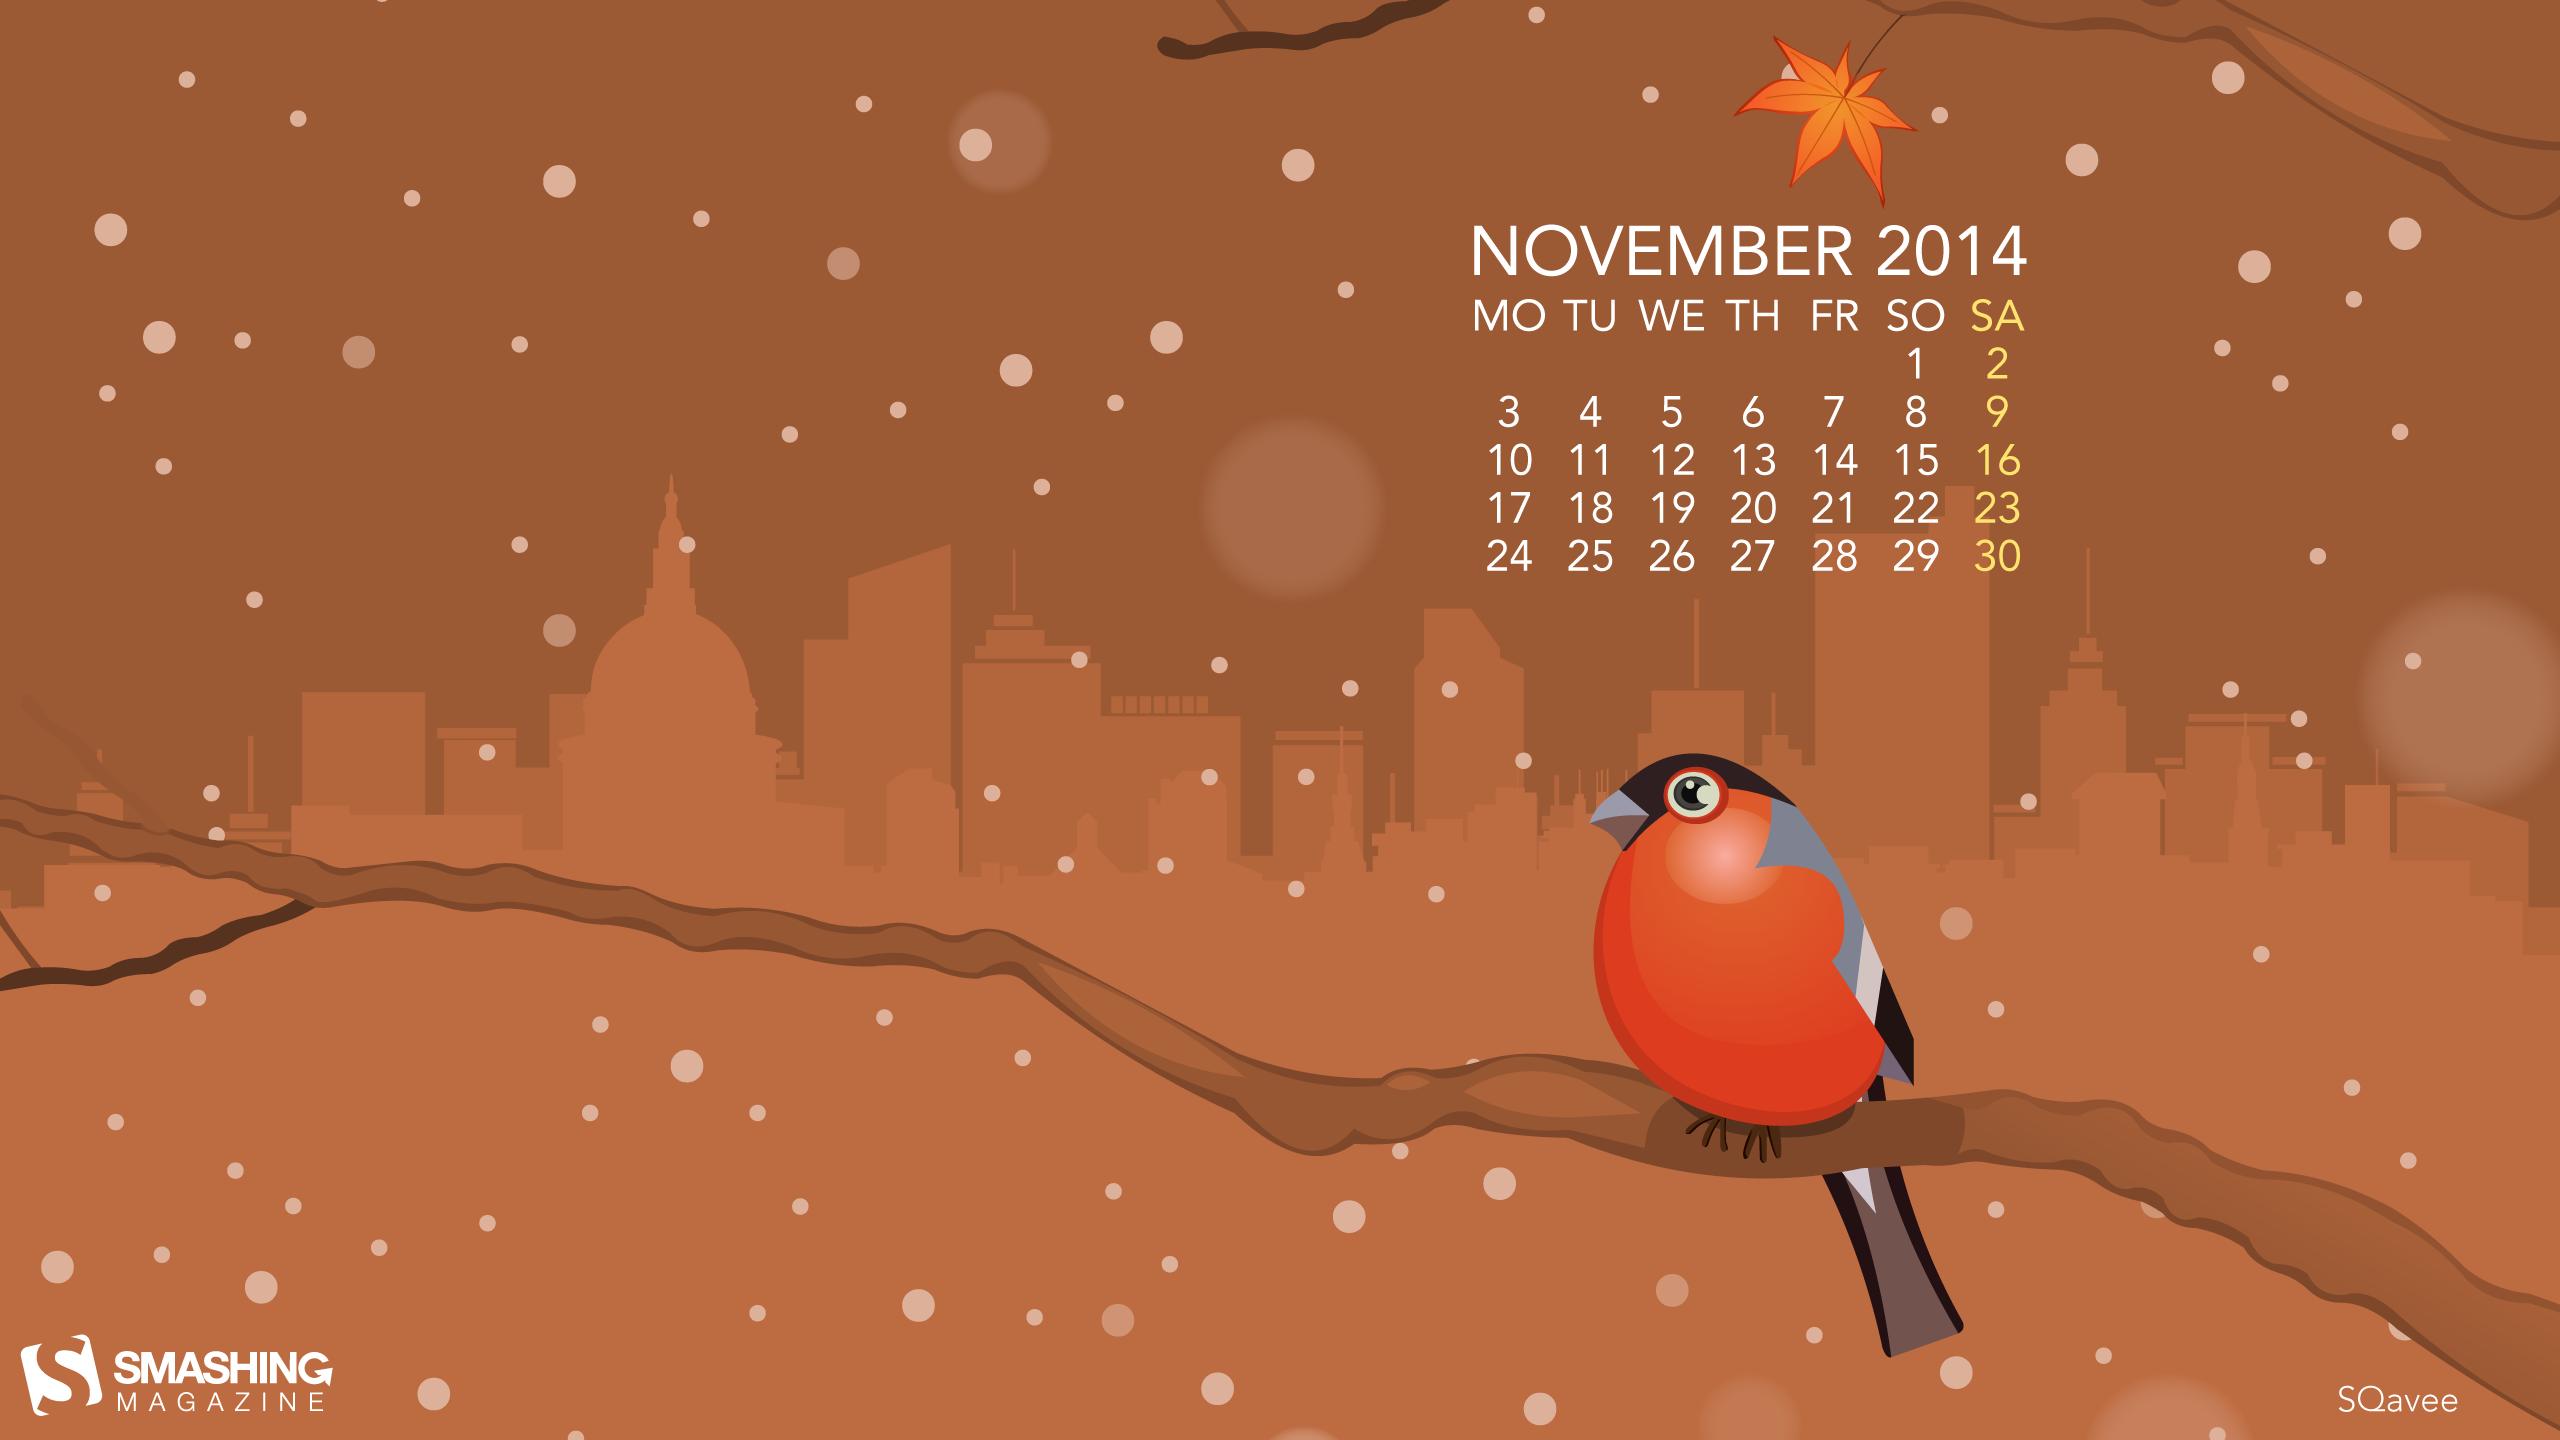 Nov 14 November Bird Cal 2560x1440 WallpaperWinter